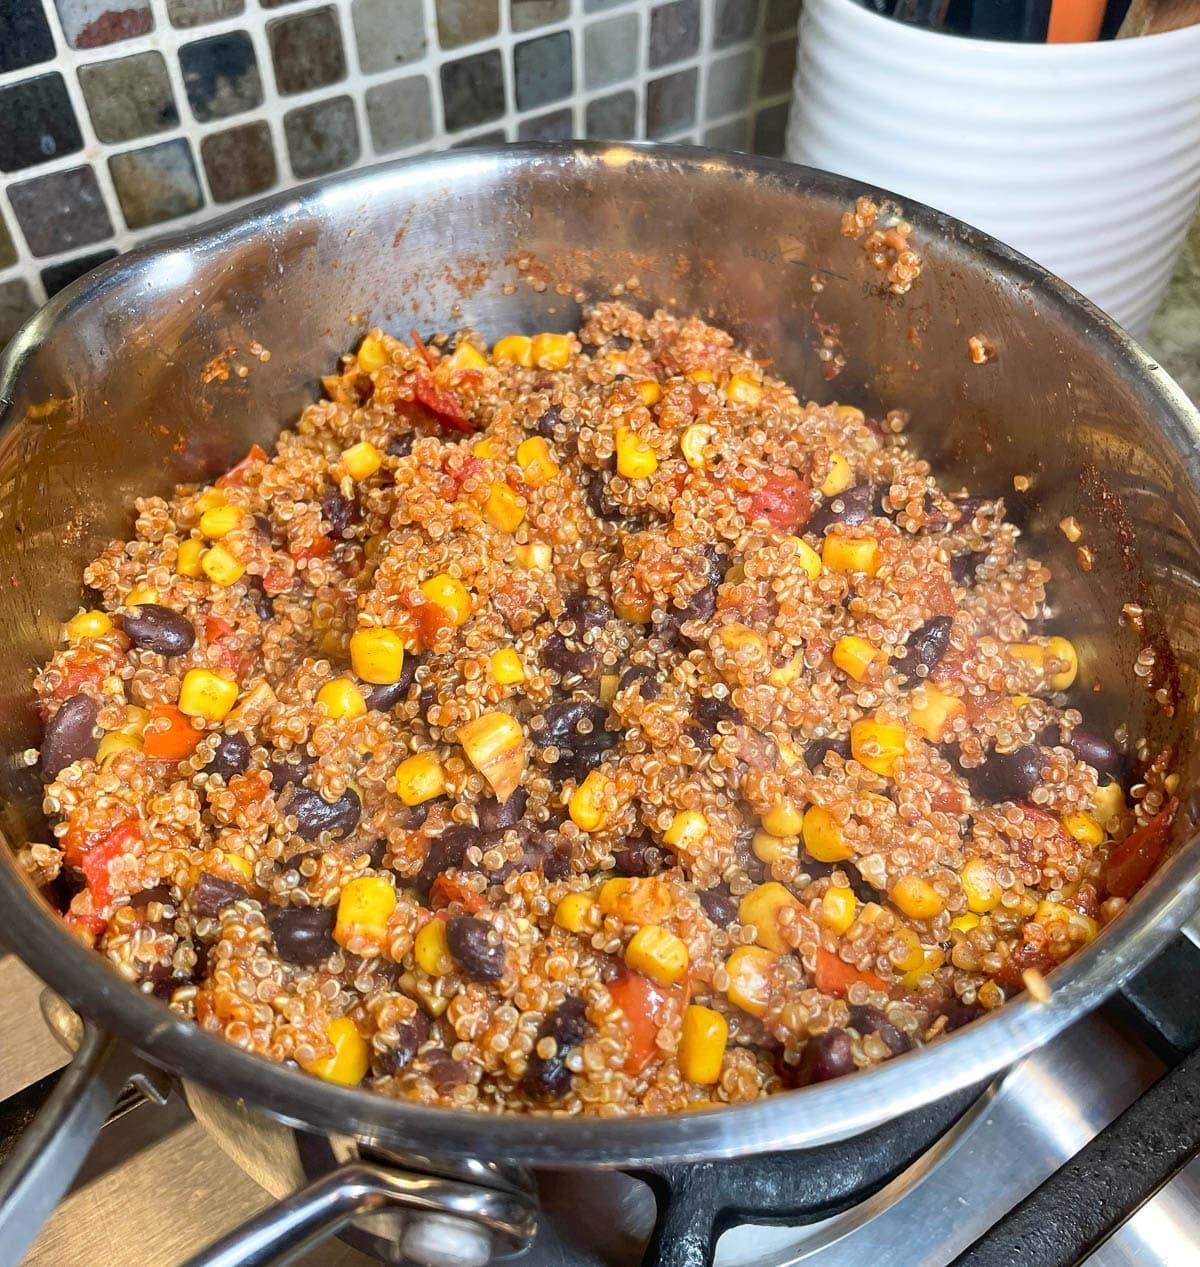 quinoa in saucepan